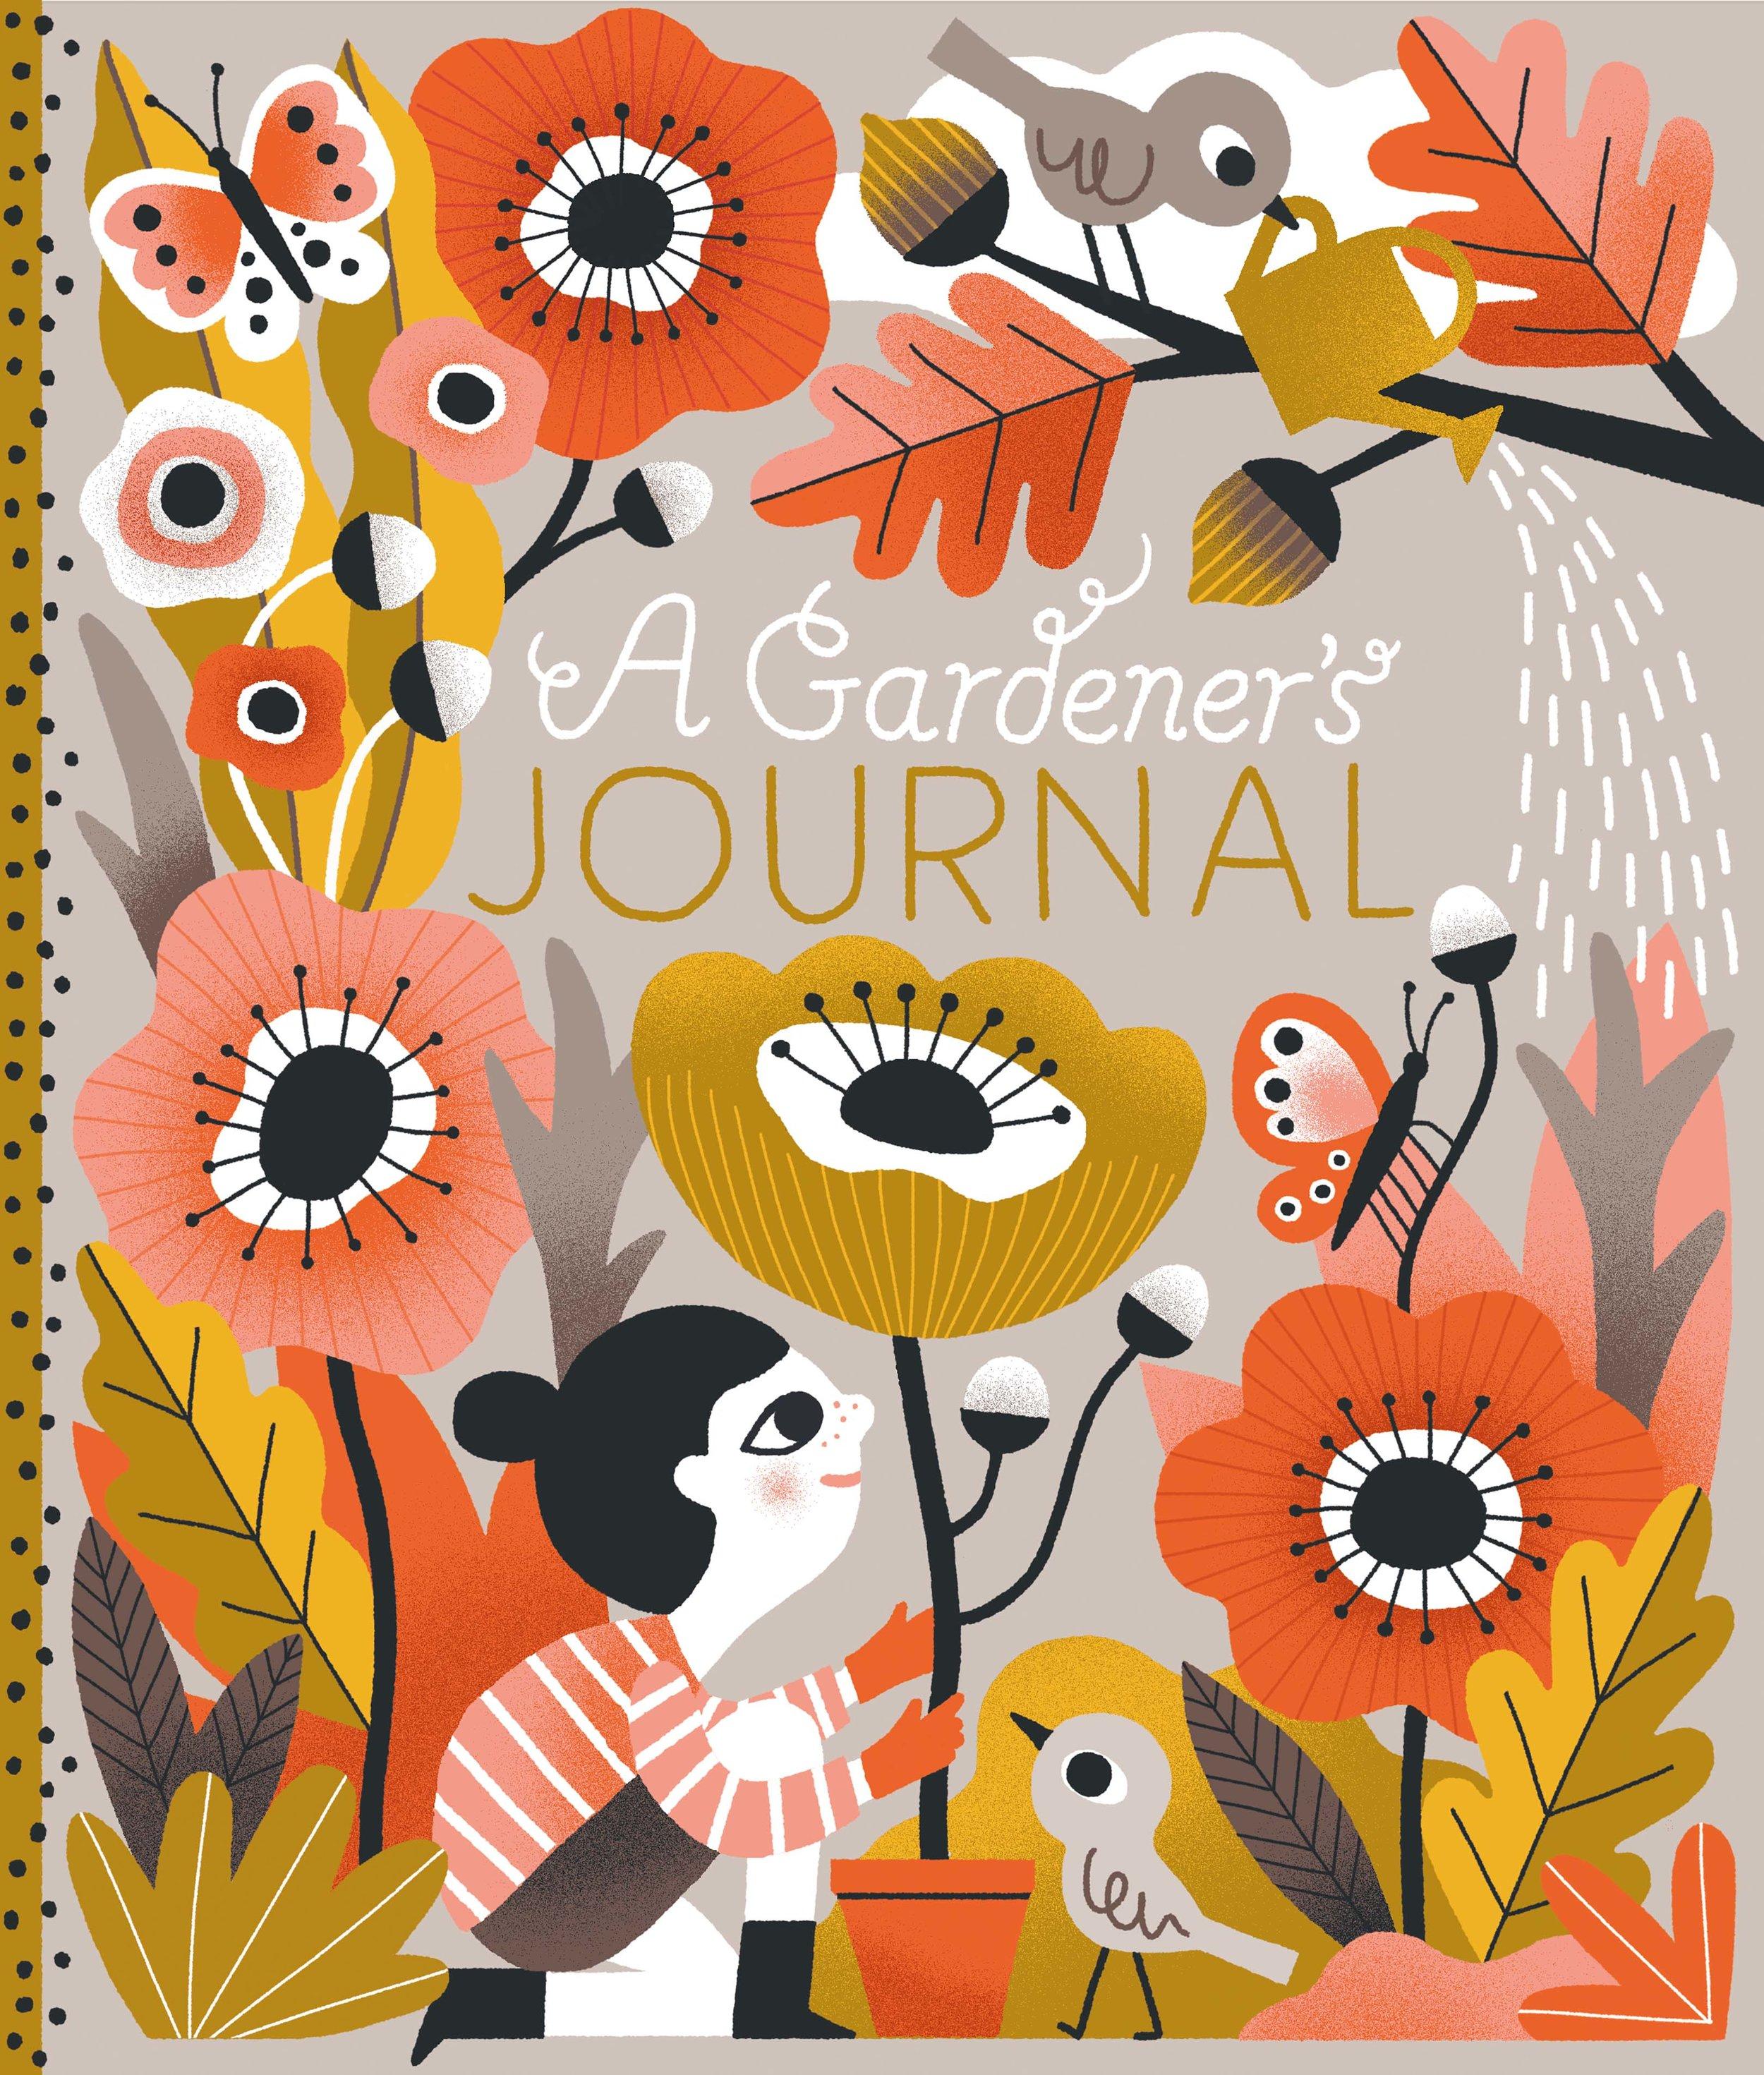 Cover idea for a Gardener's journal for children.